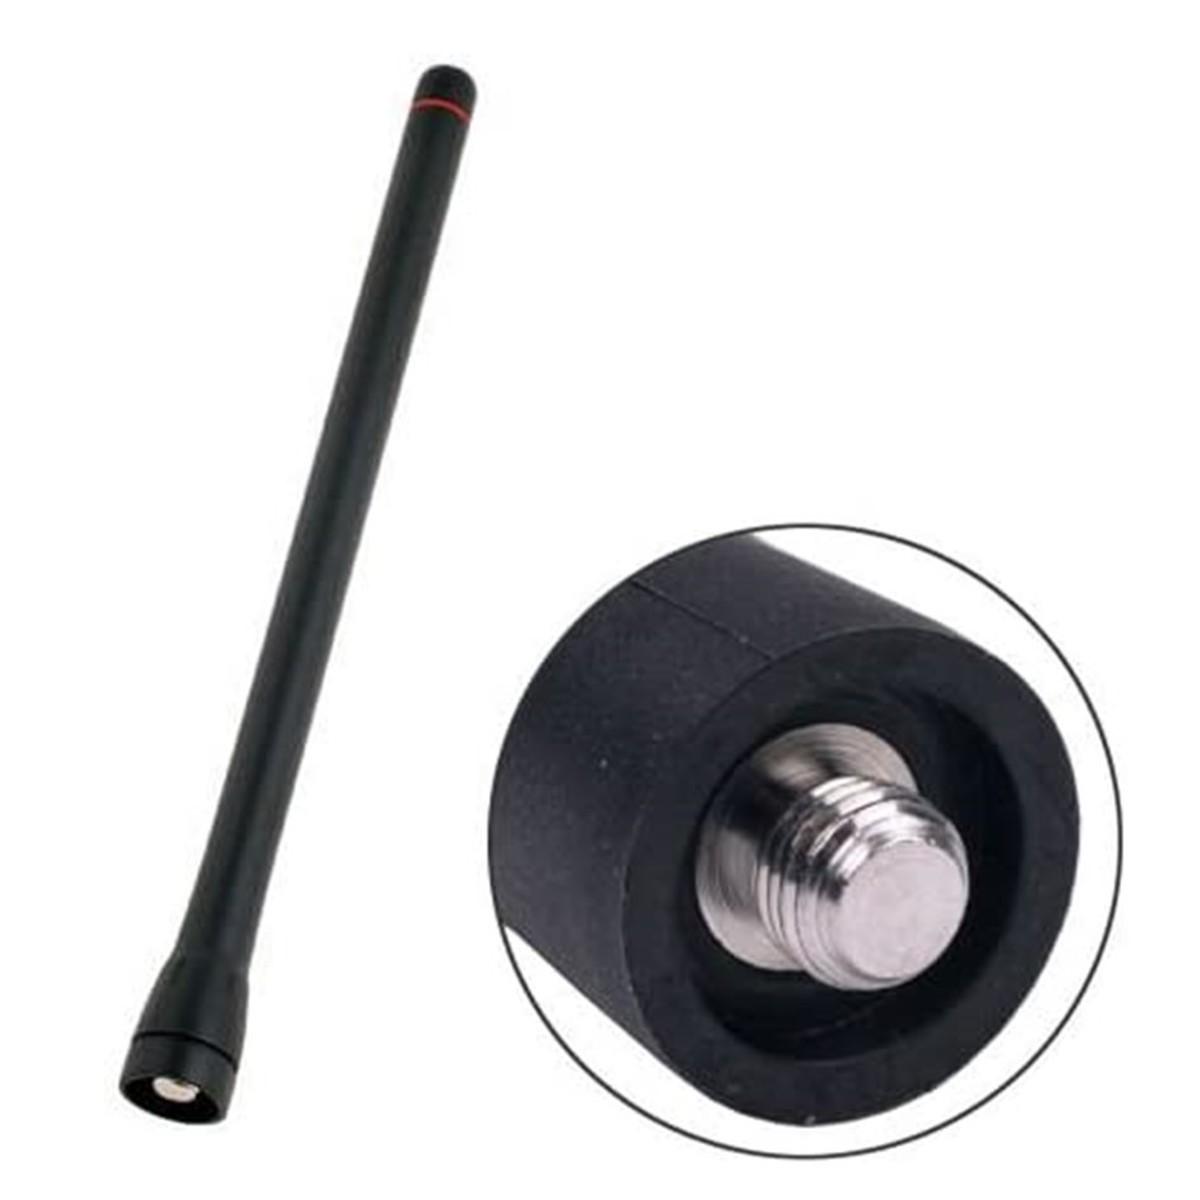 Antena Icom para radio IC-F3003 VHF tipo látigo FA-SC55V